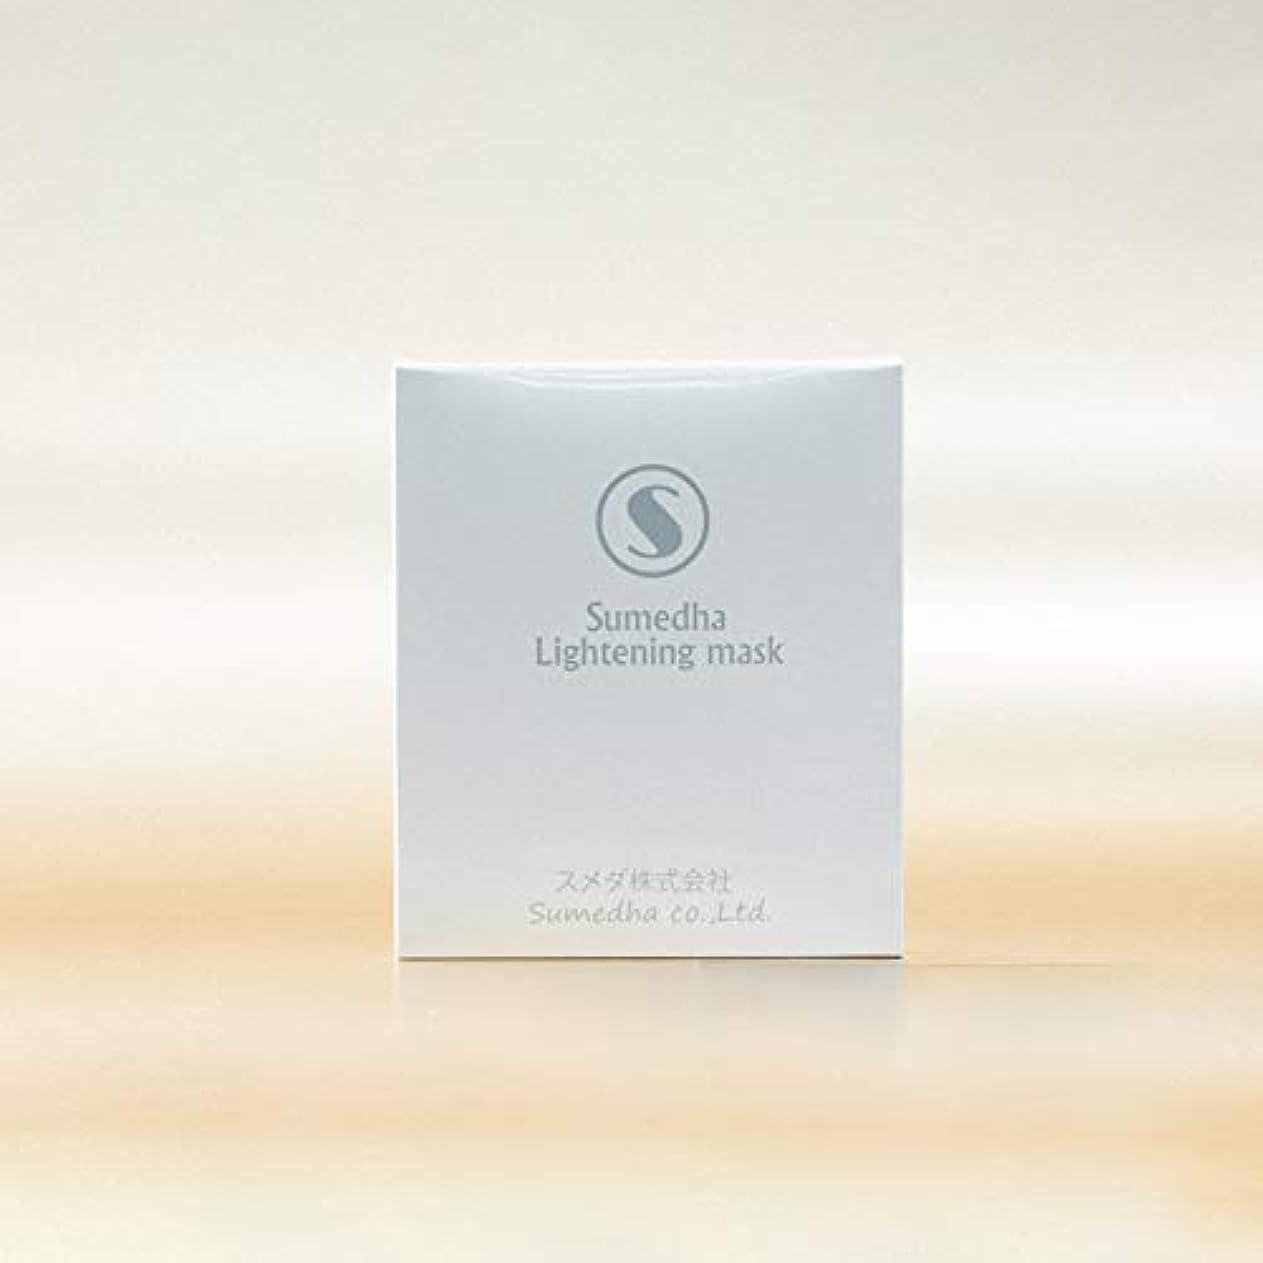 回復物理的に駅フェイスマスク Sumedha パック 保湿マスク 日本製 マスク フェイスパック 3枚入り 美白 美容 アンチセンシティブ 角質層修復 抗酸化 保湿 補水 敏感肌 発赤 アレルギー緩和 コーセー (美白)